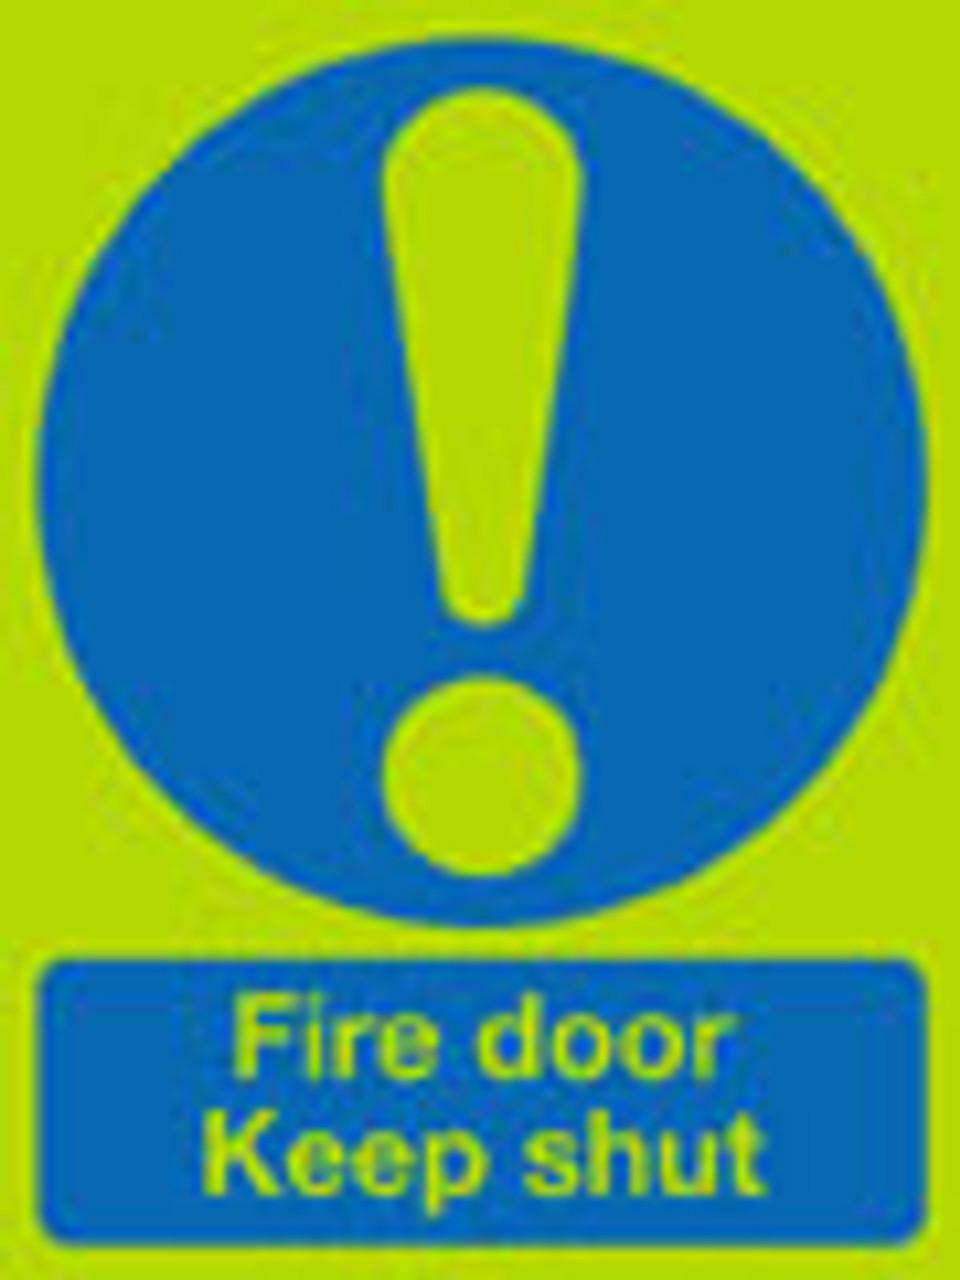 Fire door keep shut sign nite-glo